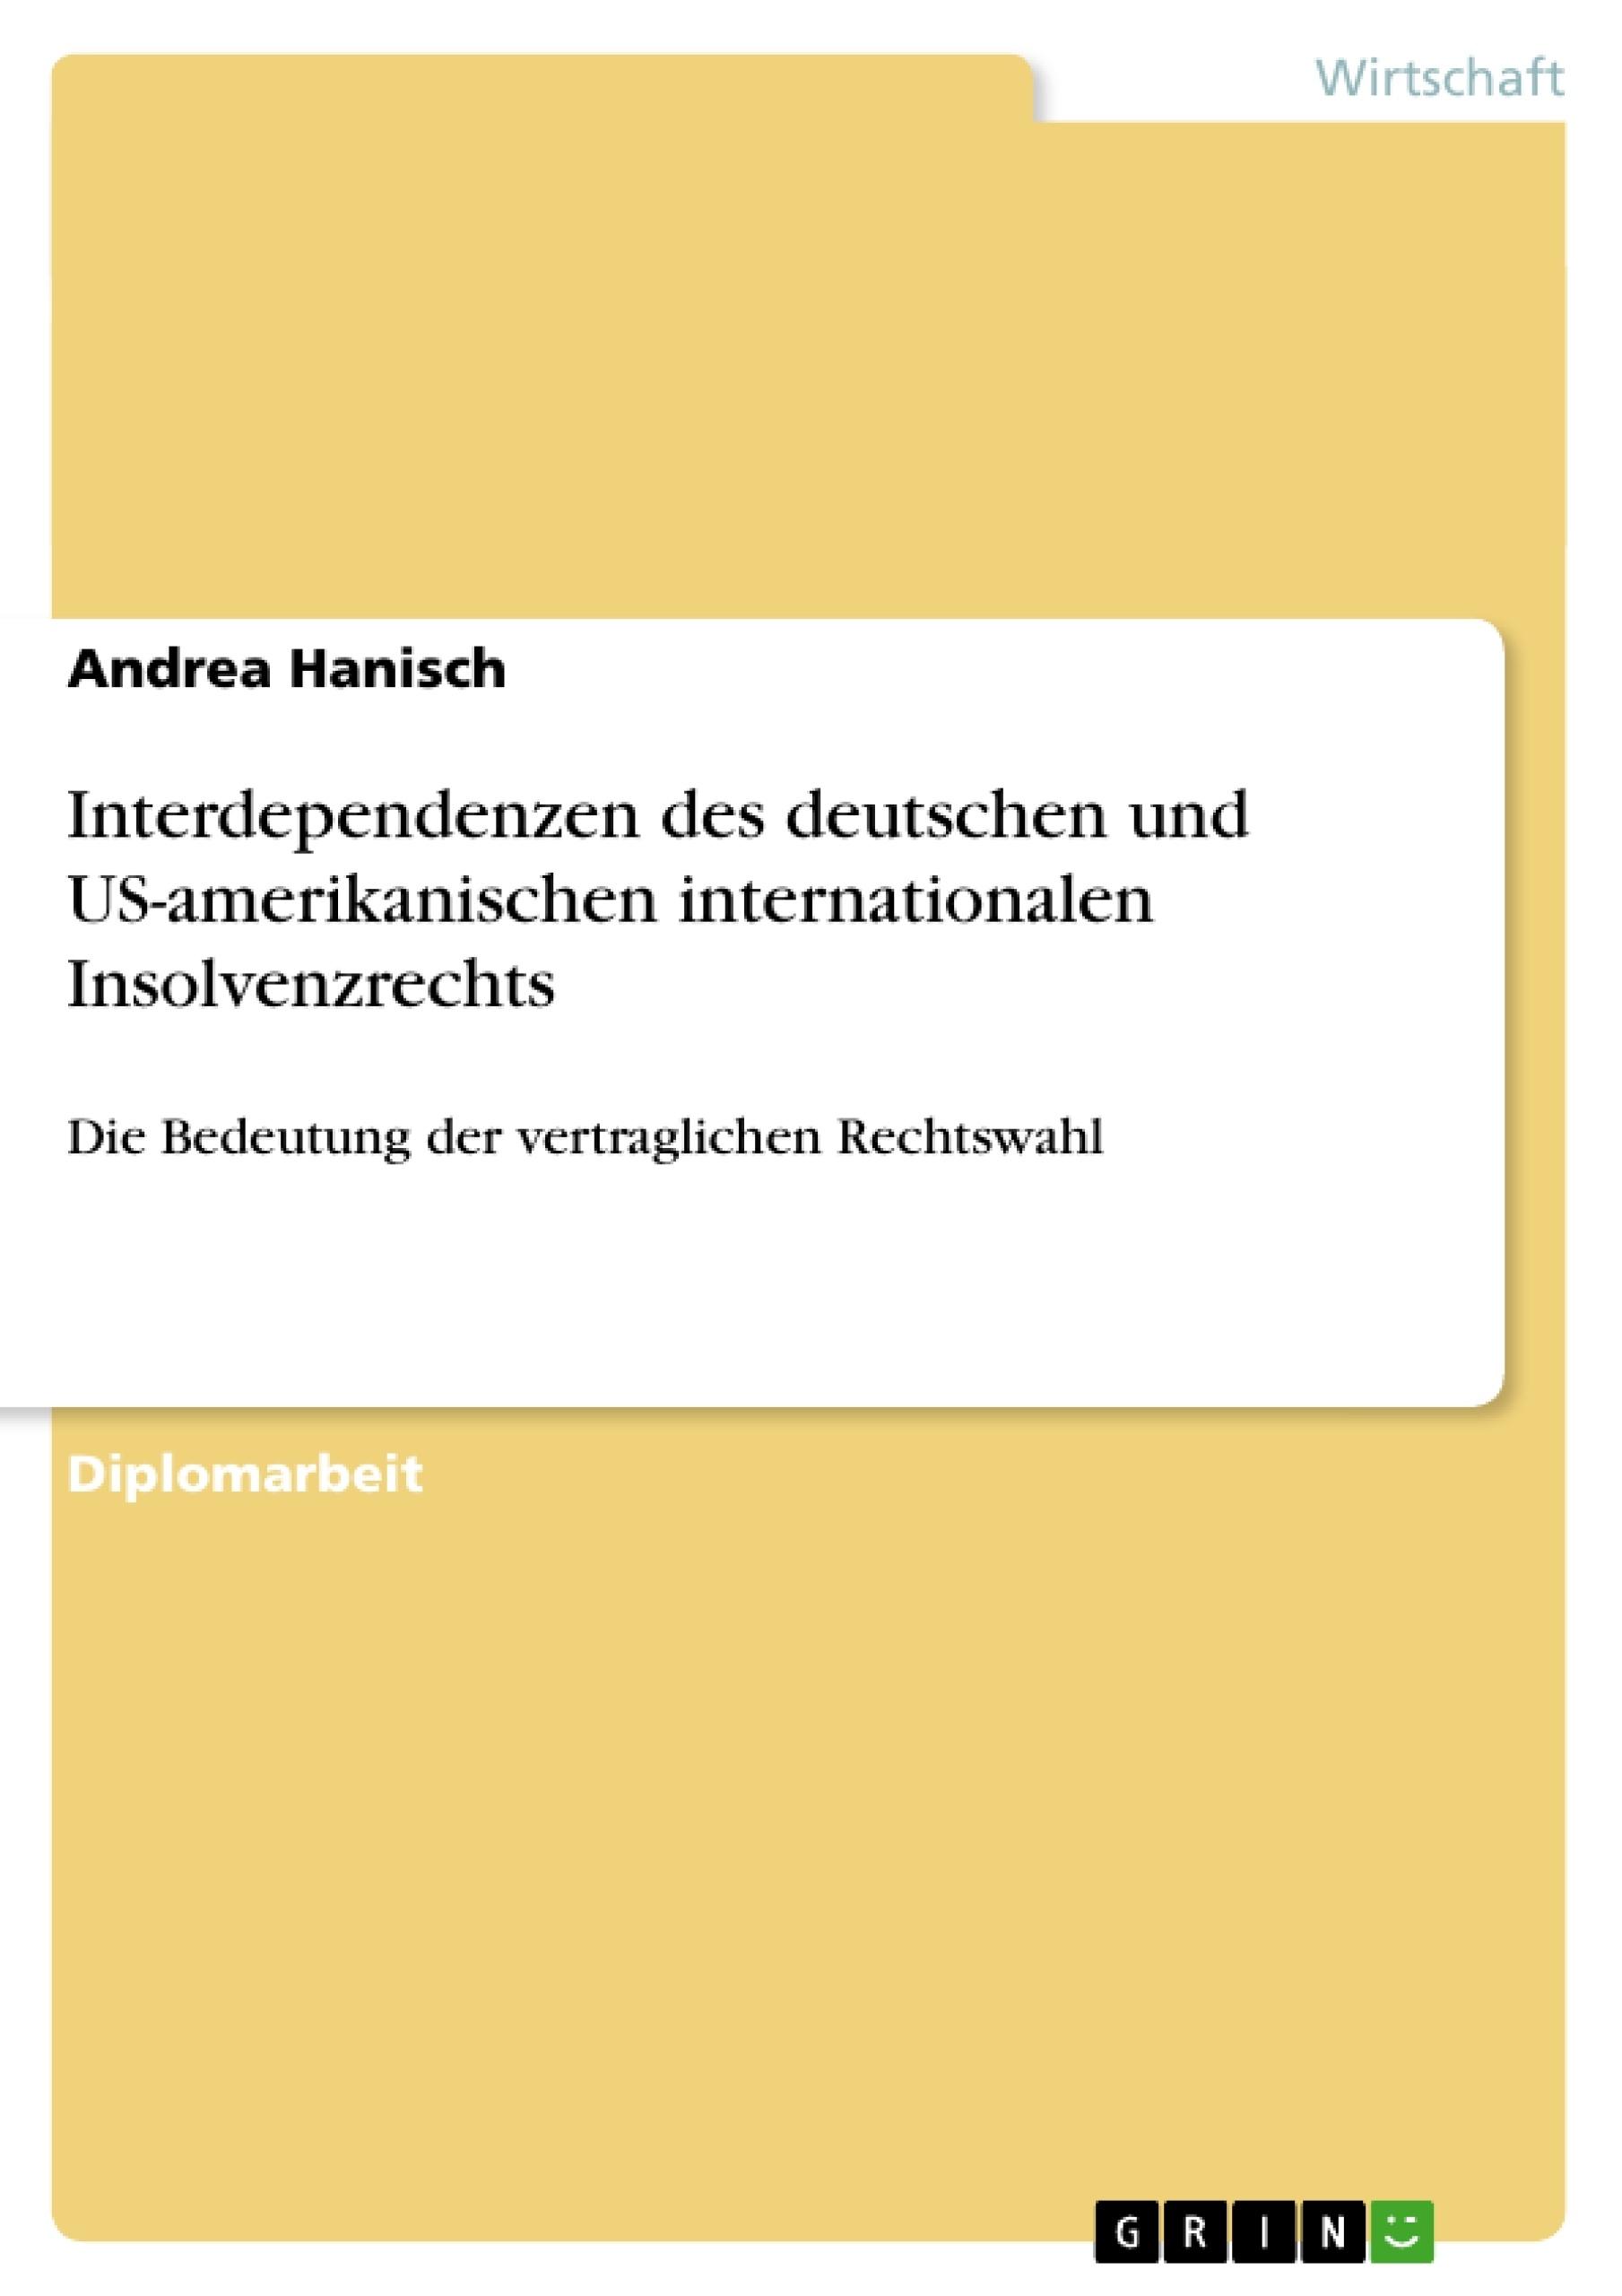 Titel: Interdependenzen des deutschen und US-amerikanischen internationalen Insolvenzrechts